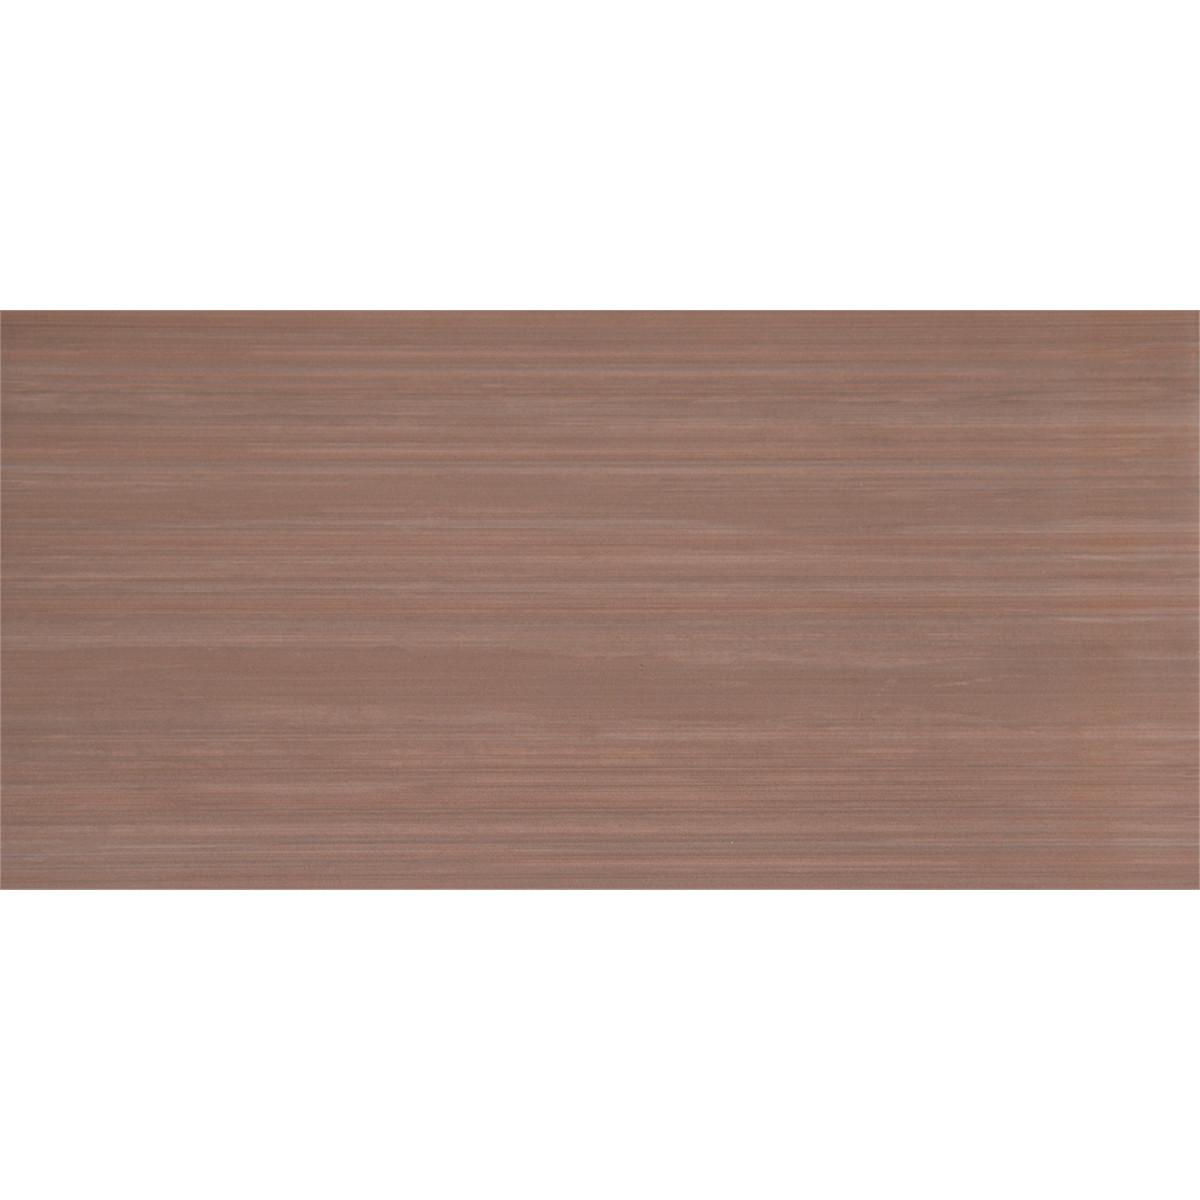 Плитка настенная Classics 20х40 см 1.2 м2 цвет коричневый